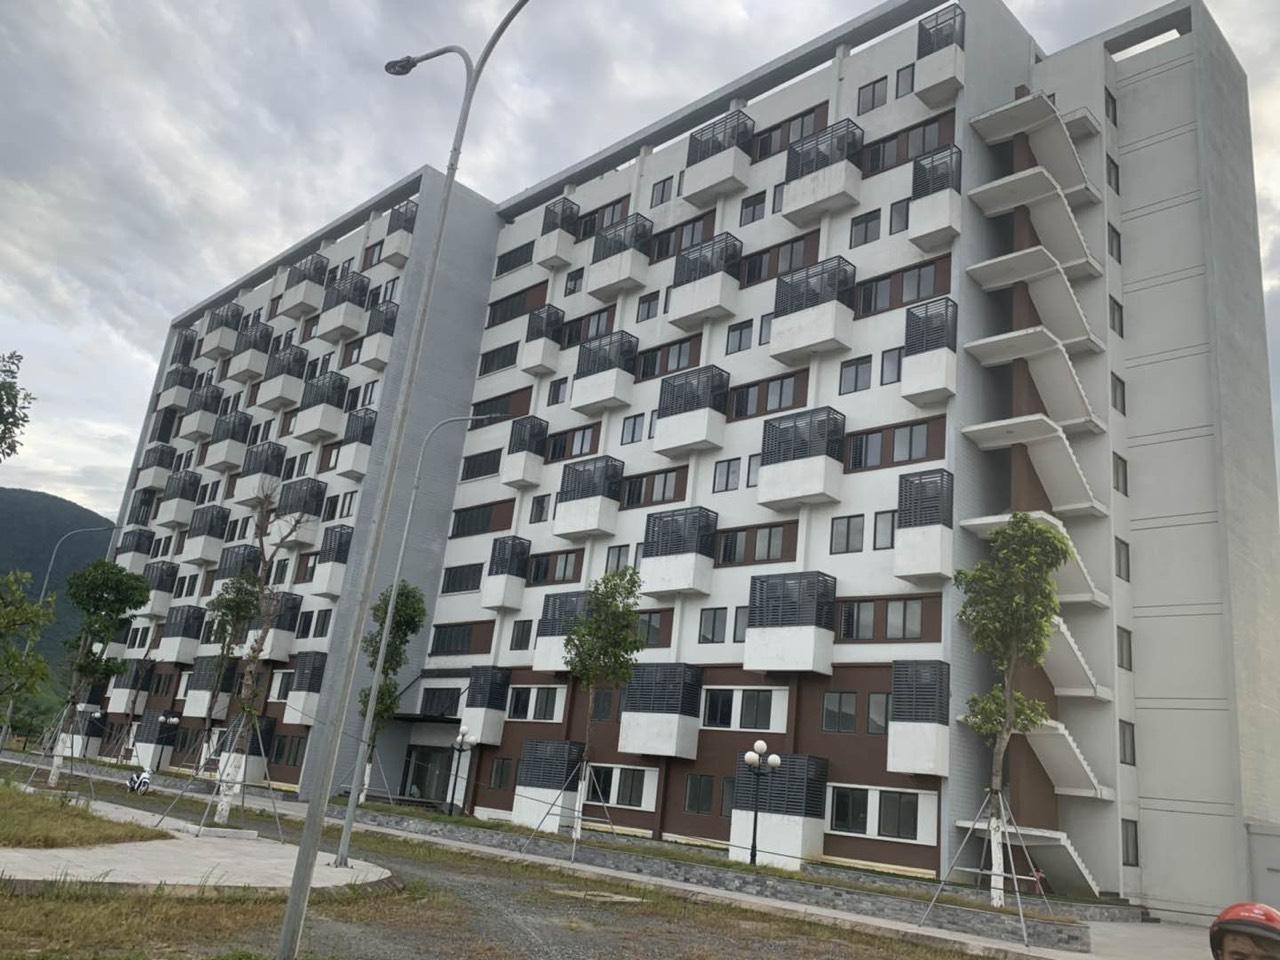 Apax Holdings rót 475 tỷ đồng vào dự án bất động sản tại Vũng Áng